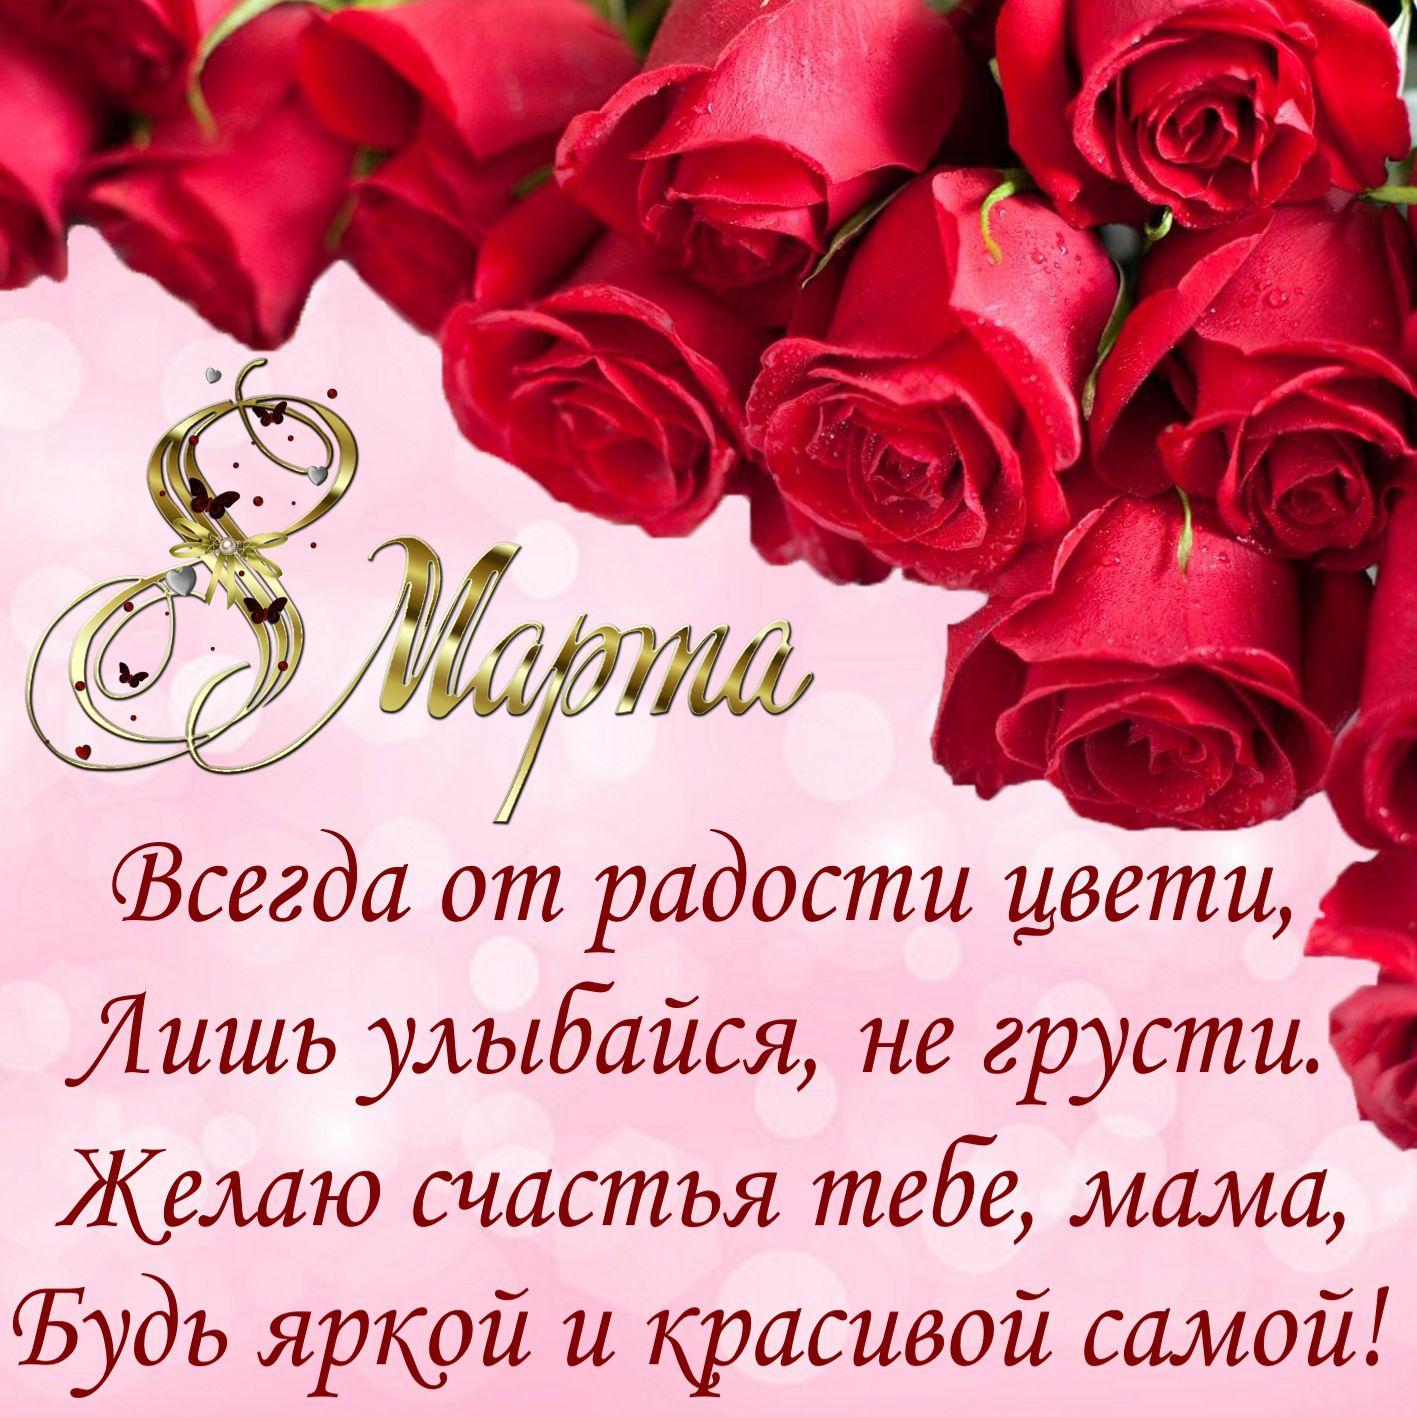 Поздравление и открытки с 8 марта маме, картинки поздравления